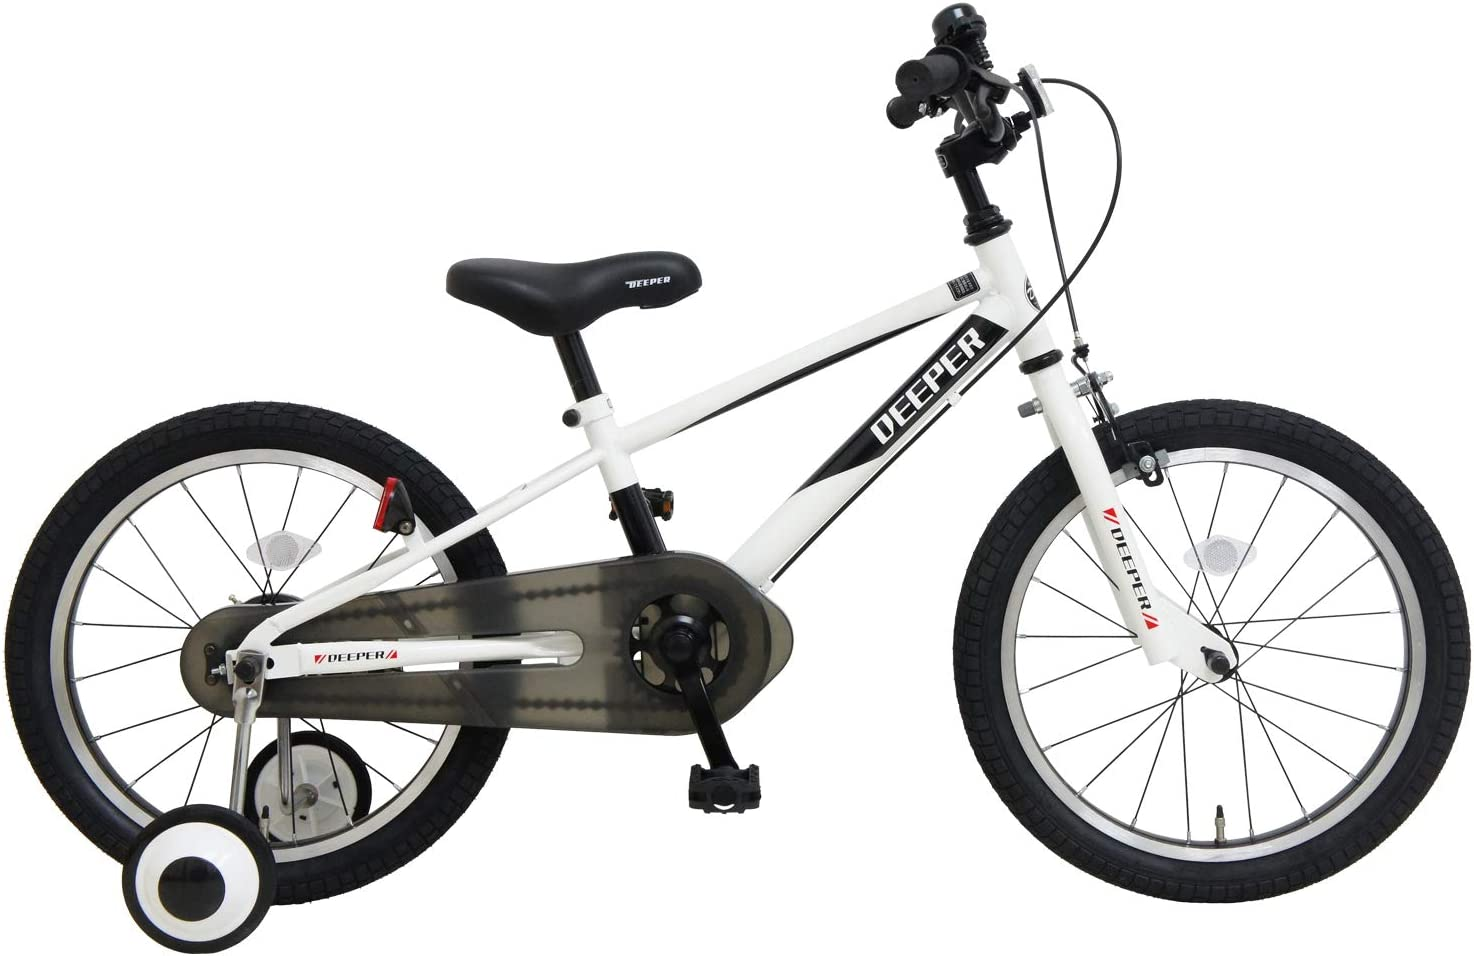 子供用自転車 18インチ DEEPER D-18TPB BMXタイプ 補助輪付き ホワイト×ブラック